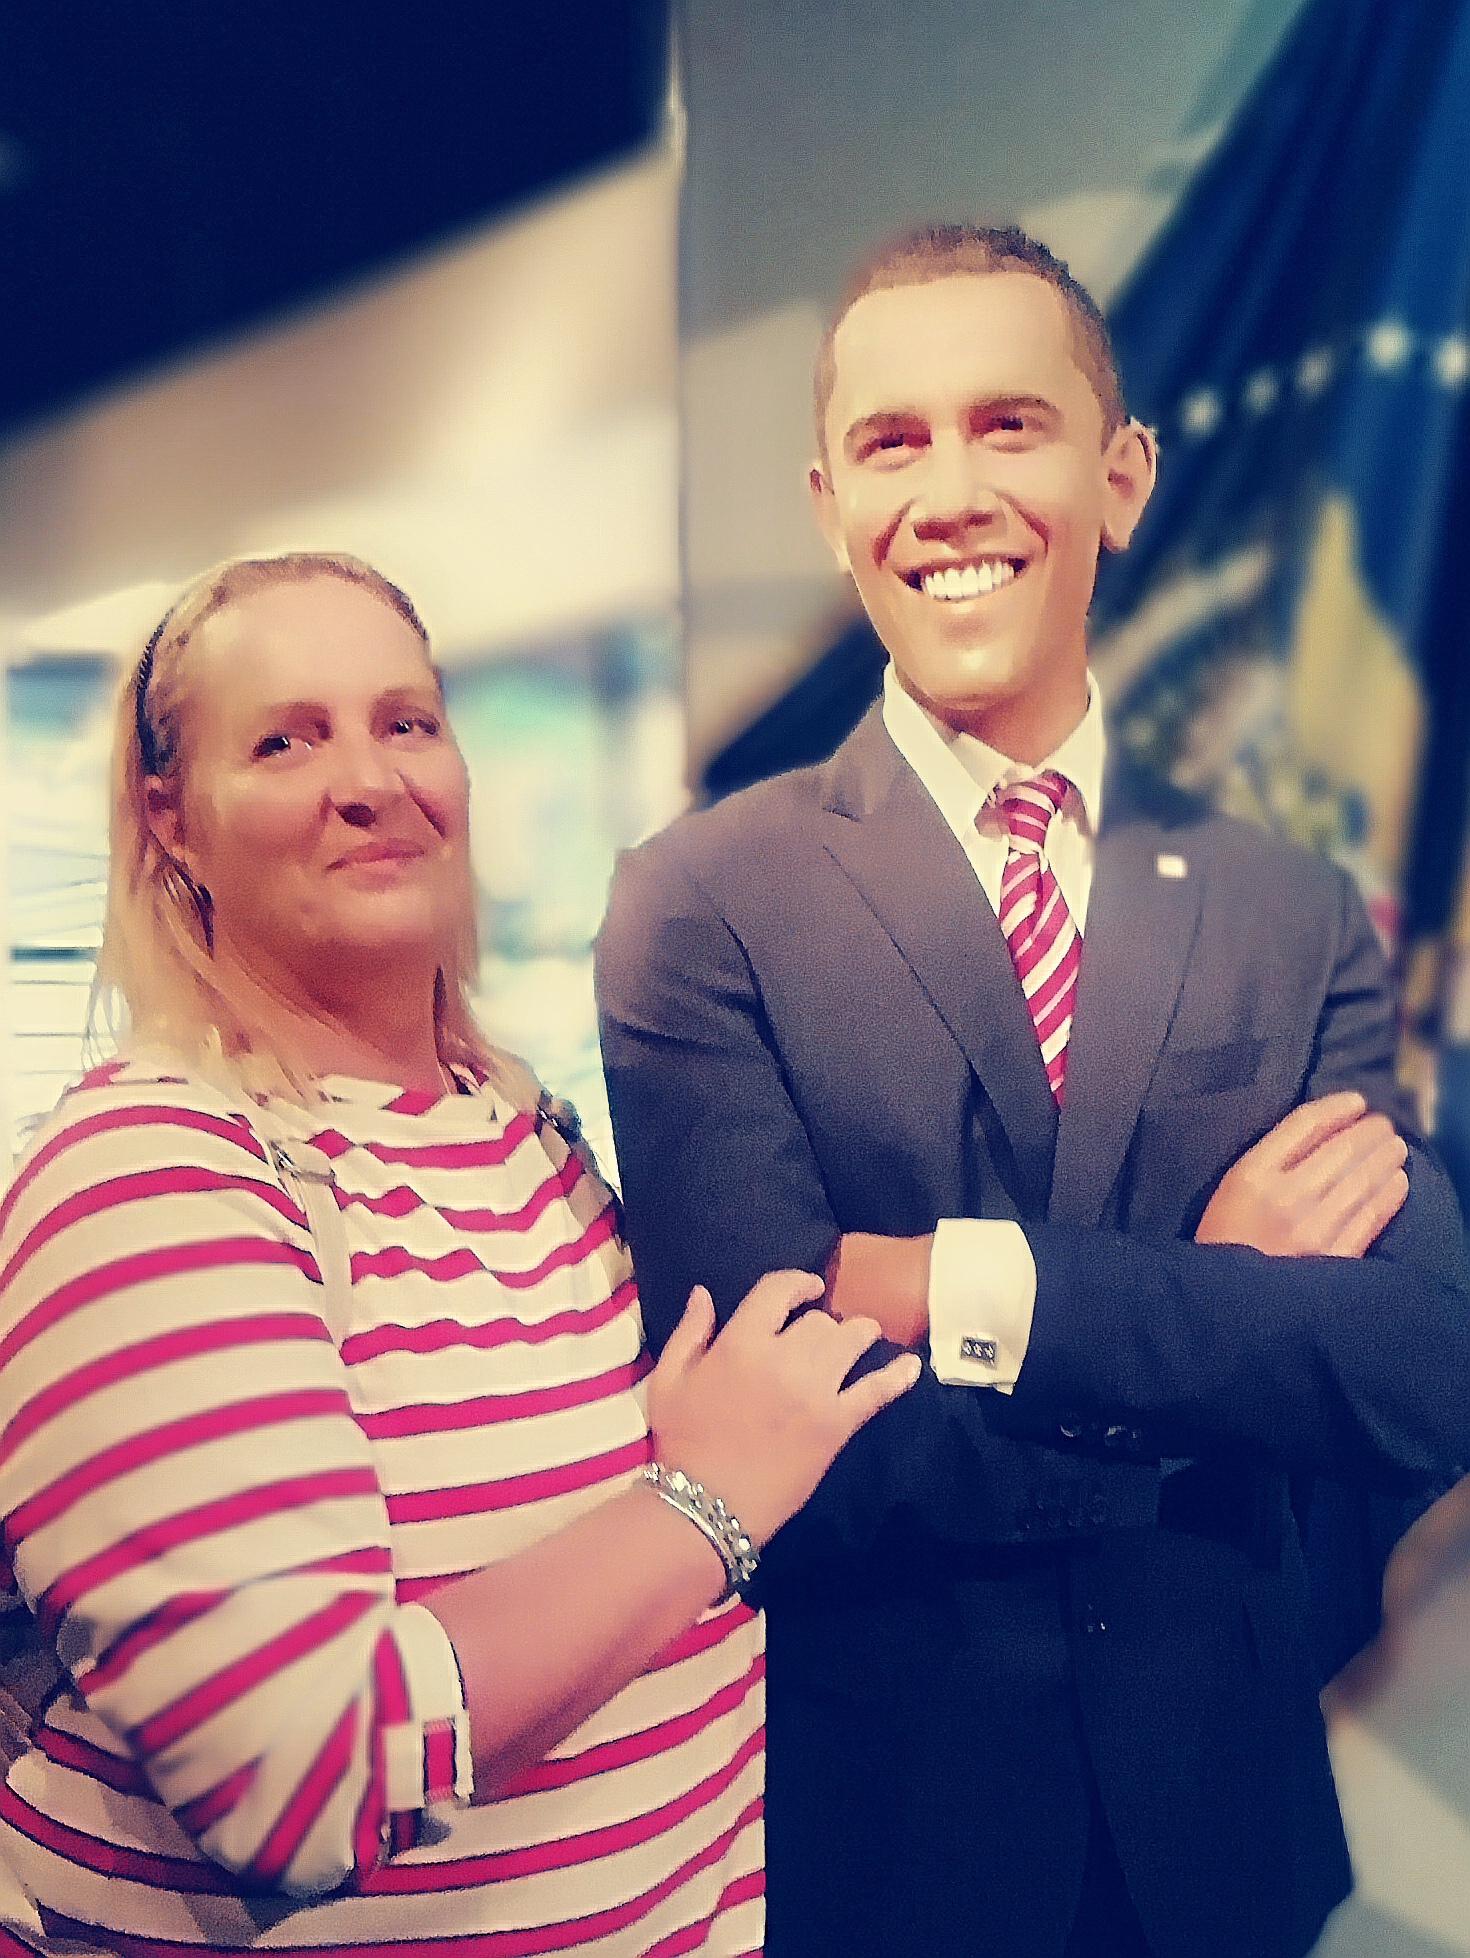 Ein Präsident, den ich sehr vermisse ...